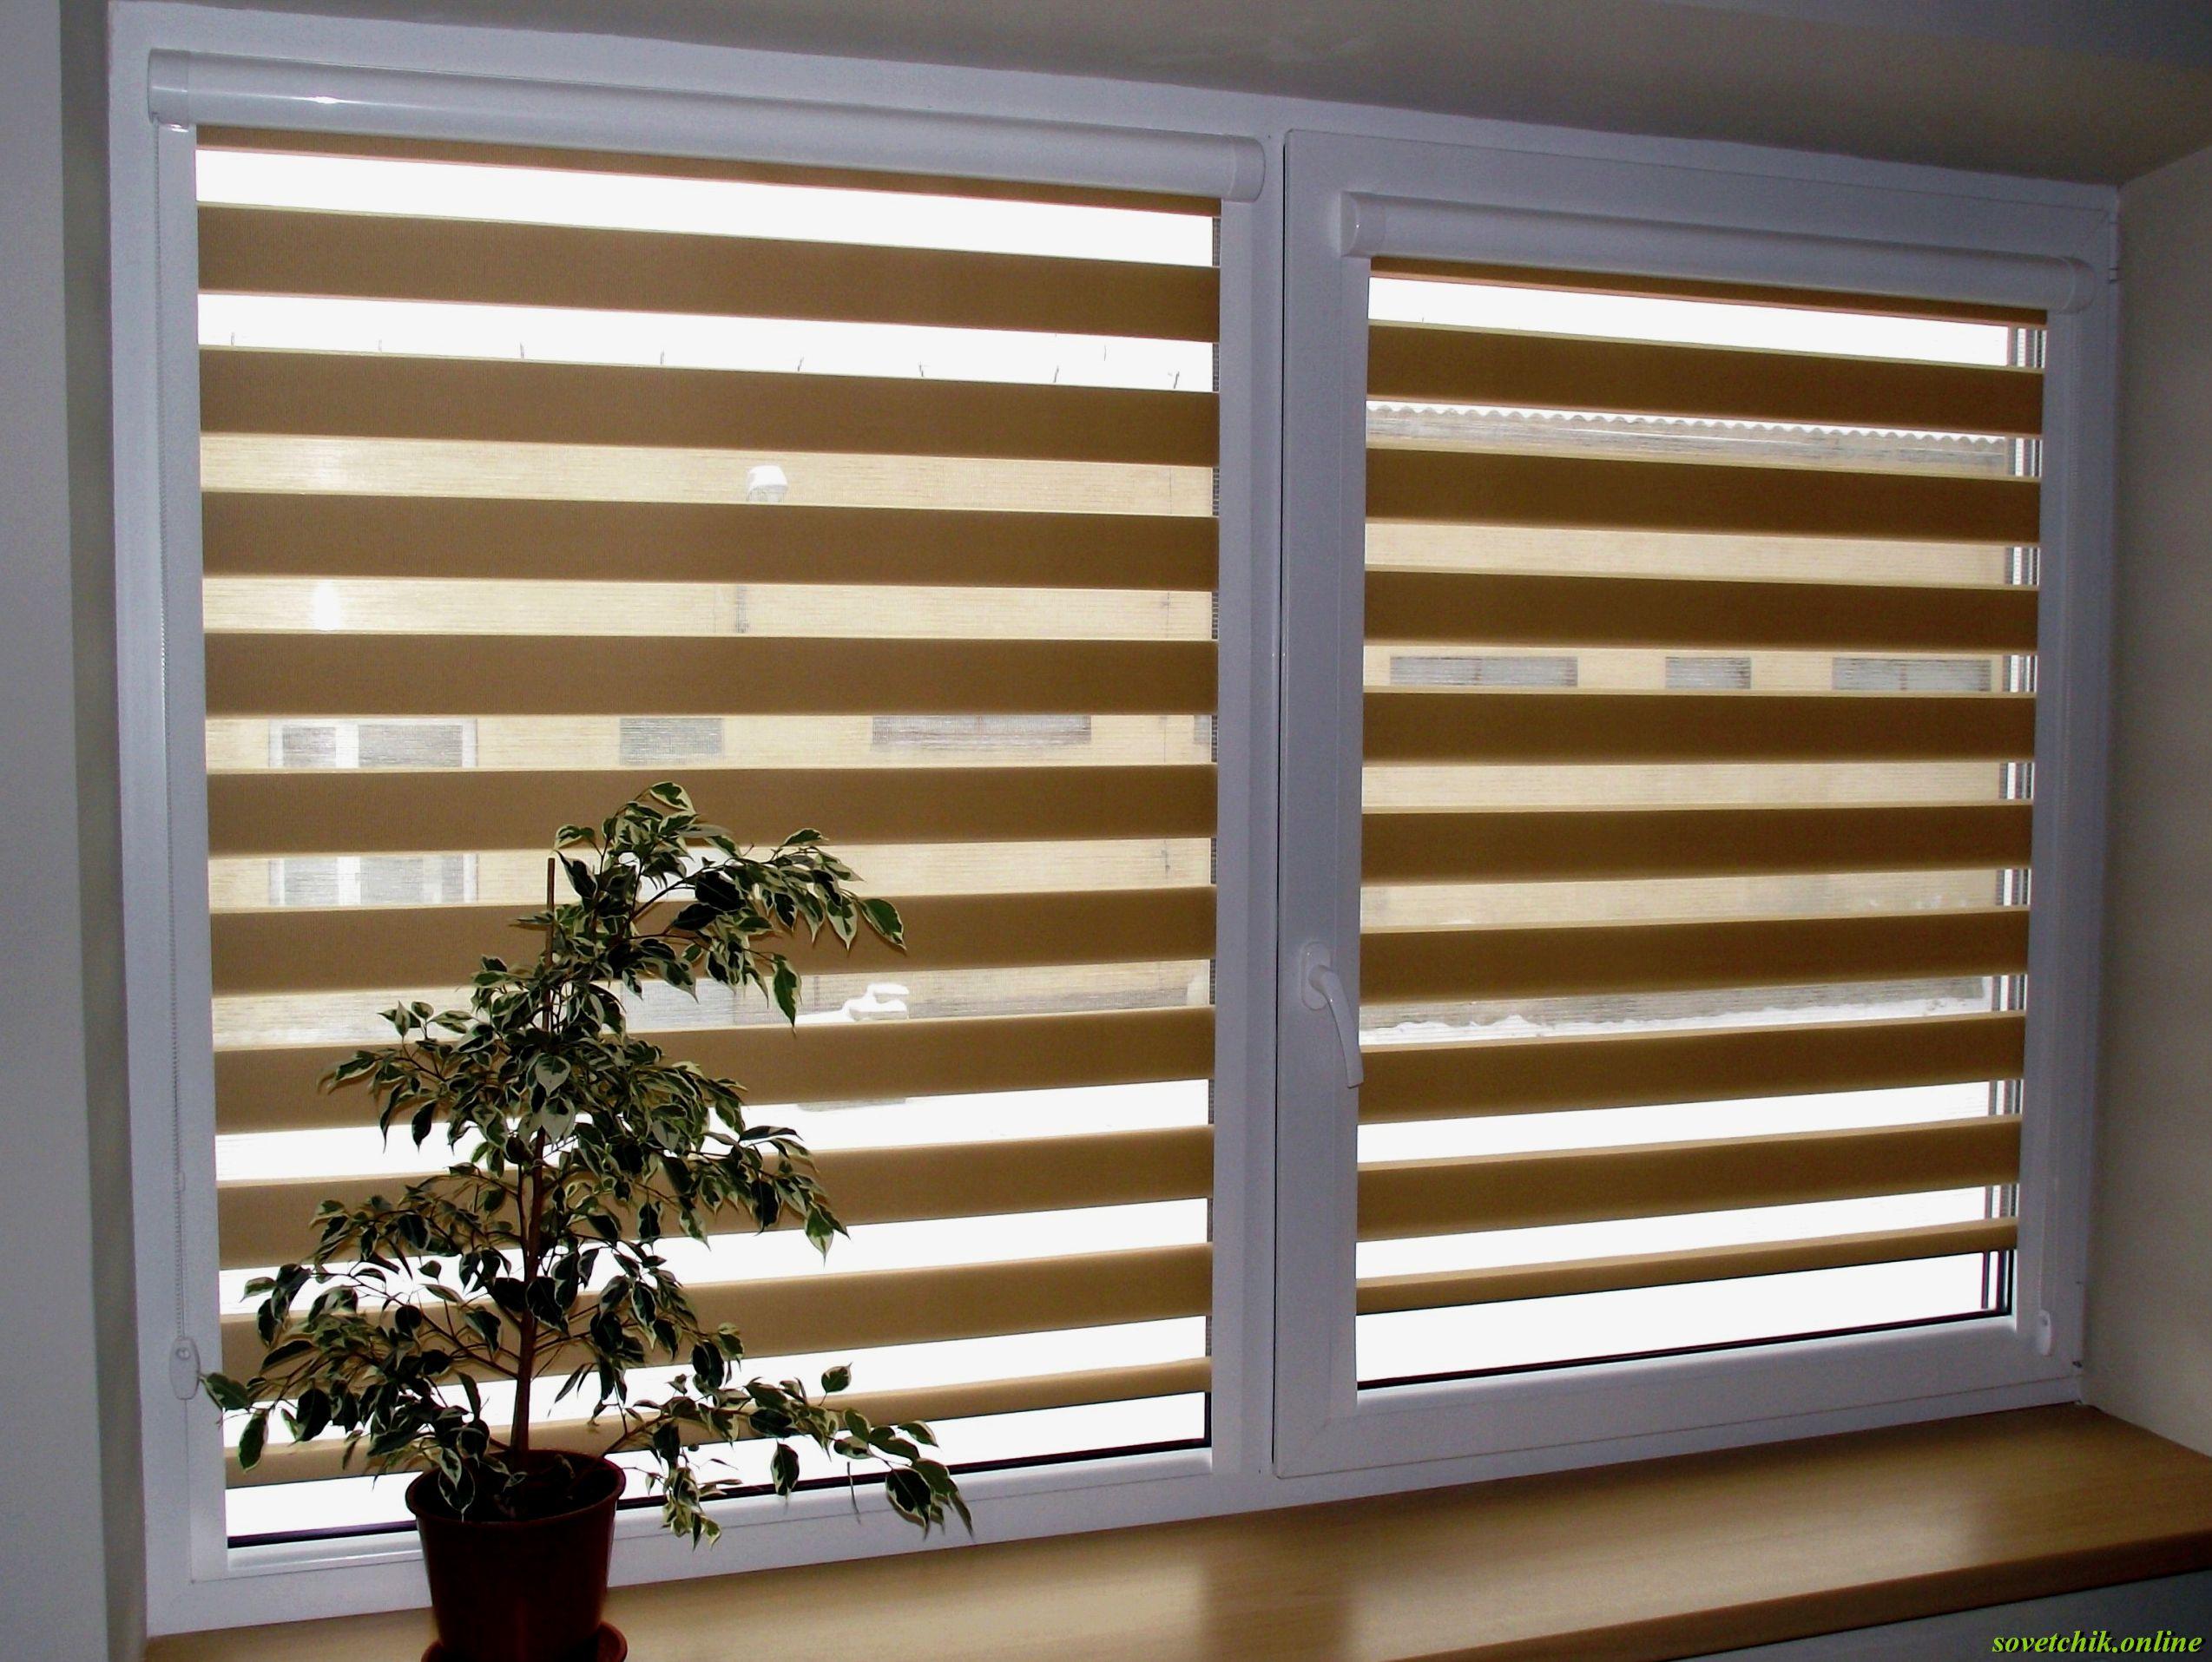 Как стирать рулонные шторы день-ночь